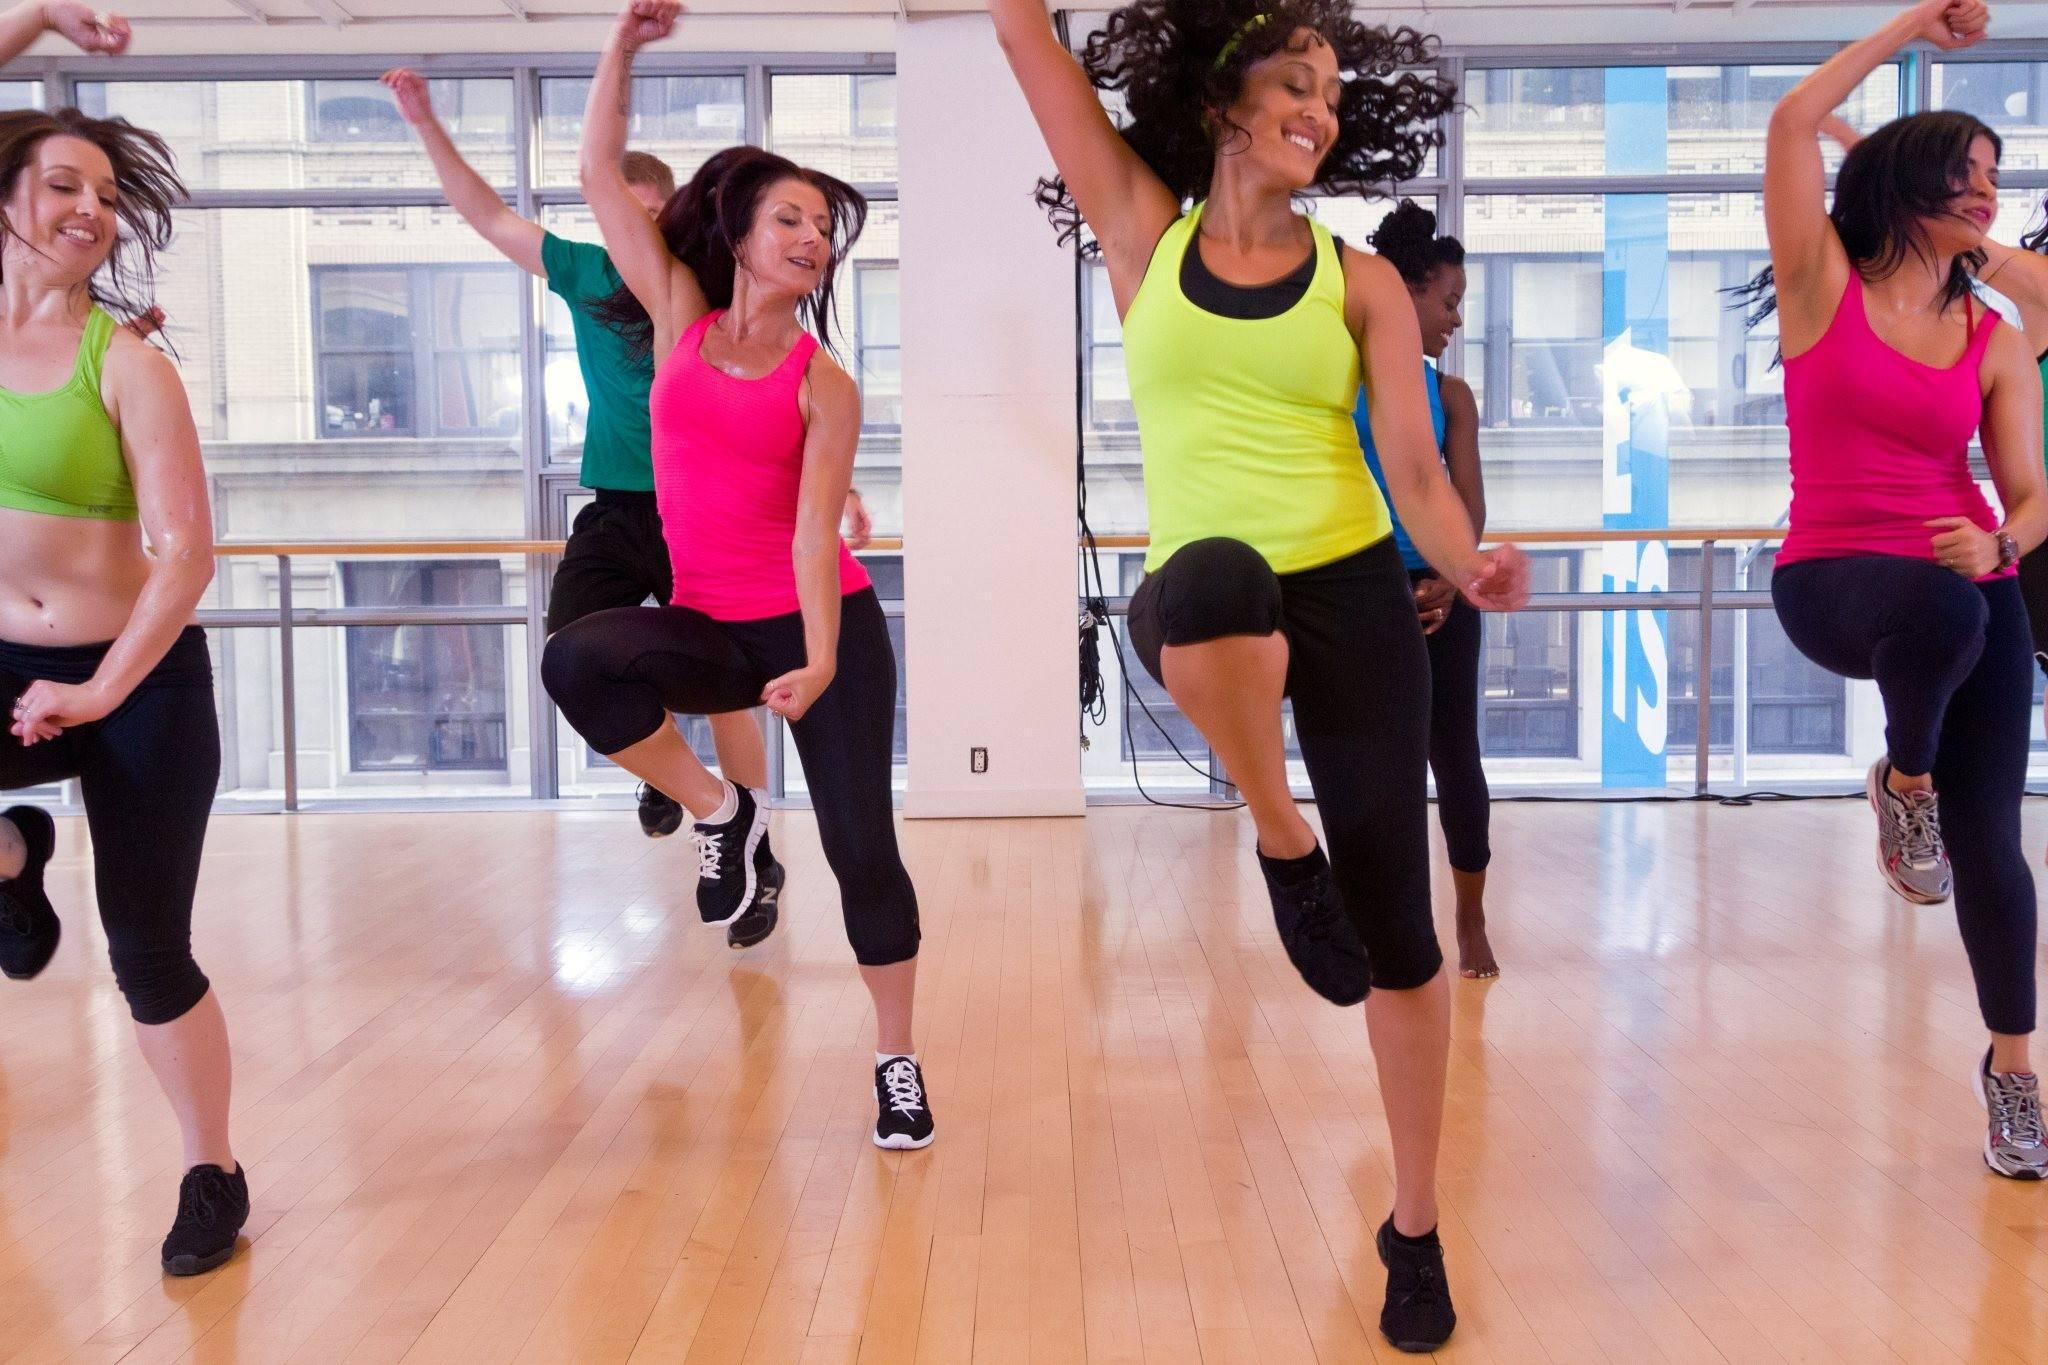 Танцы для похудения: виды, какие эффективнее + видео уроки